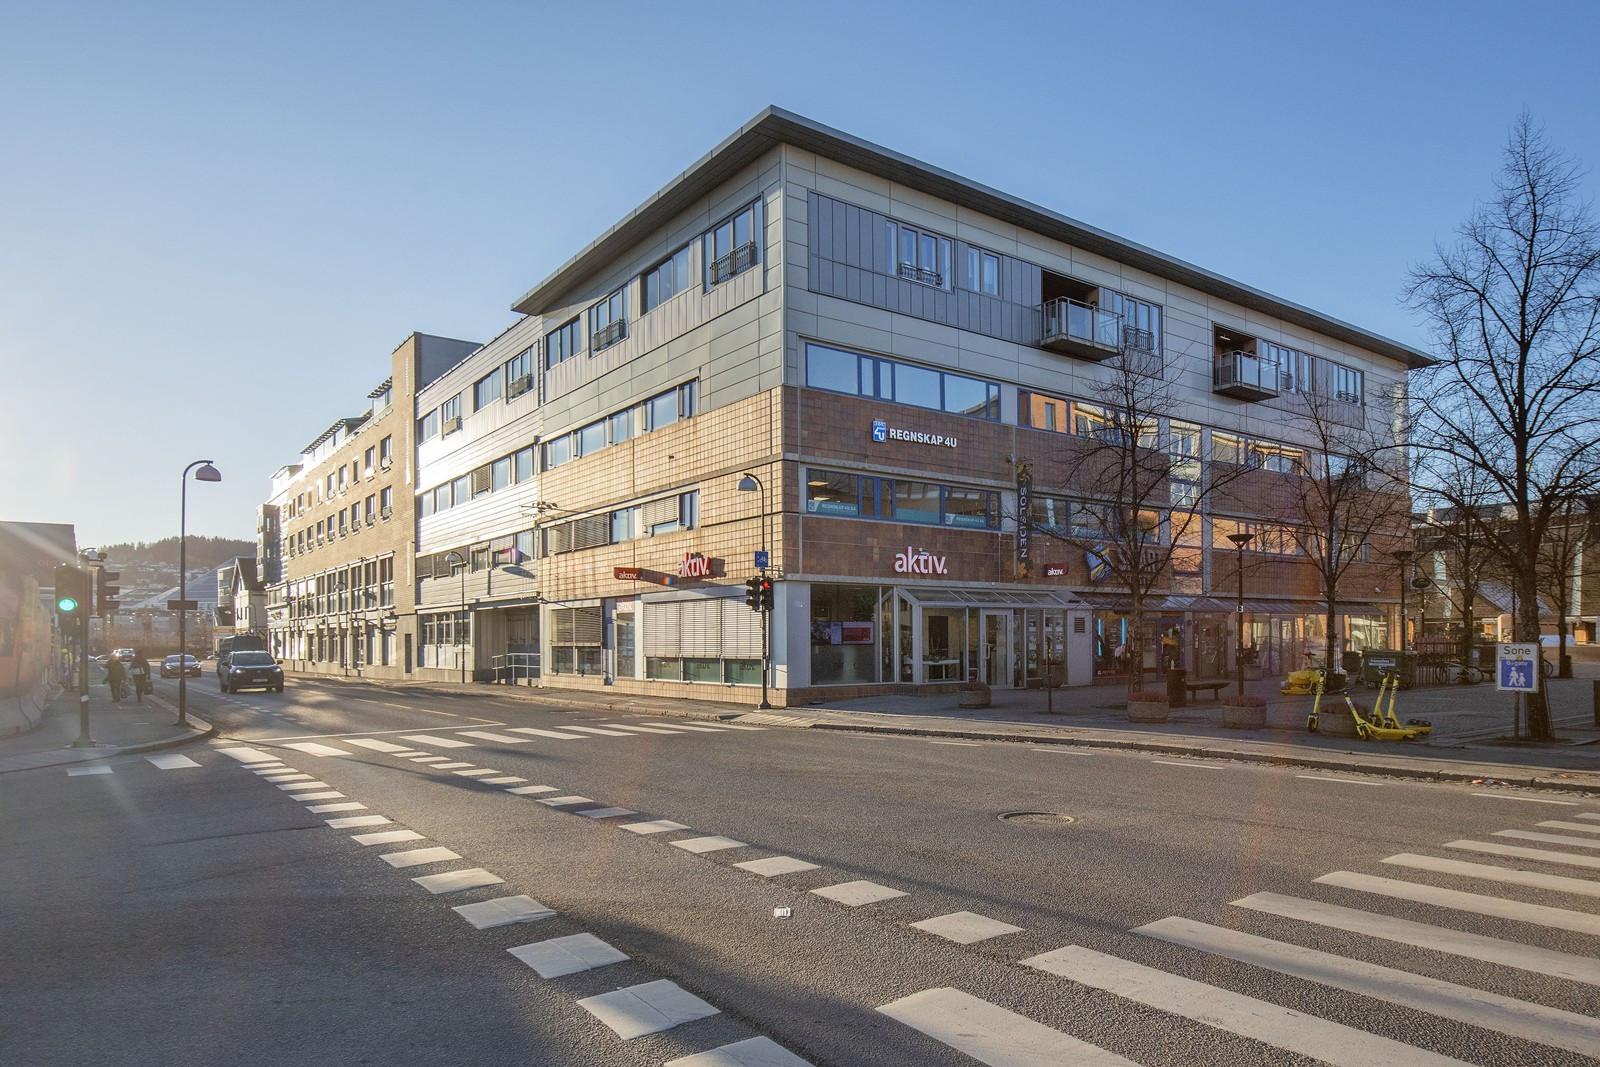 Lokalet er beliggende i byggets 2. etasje